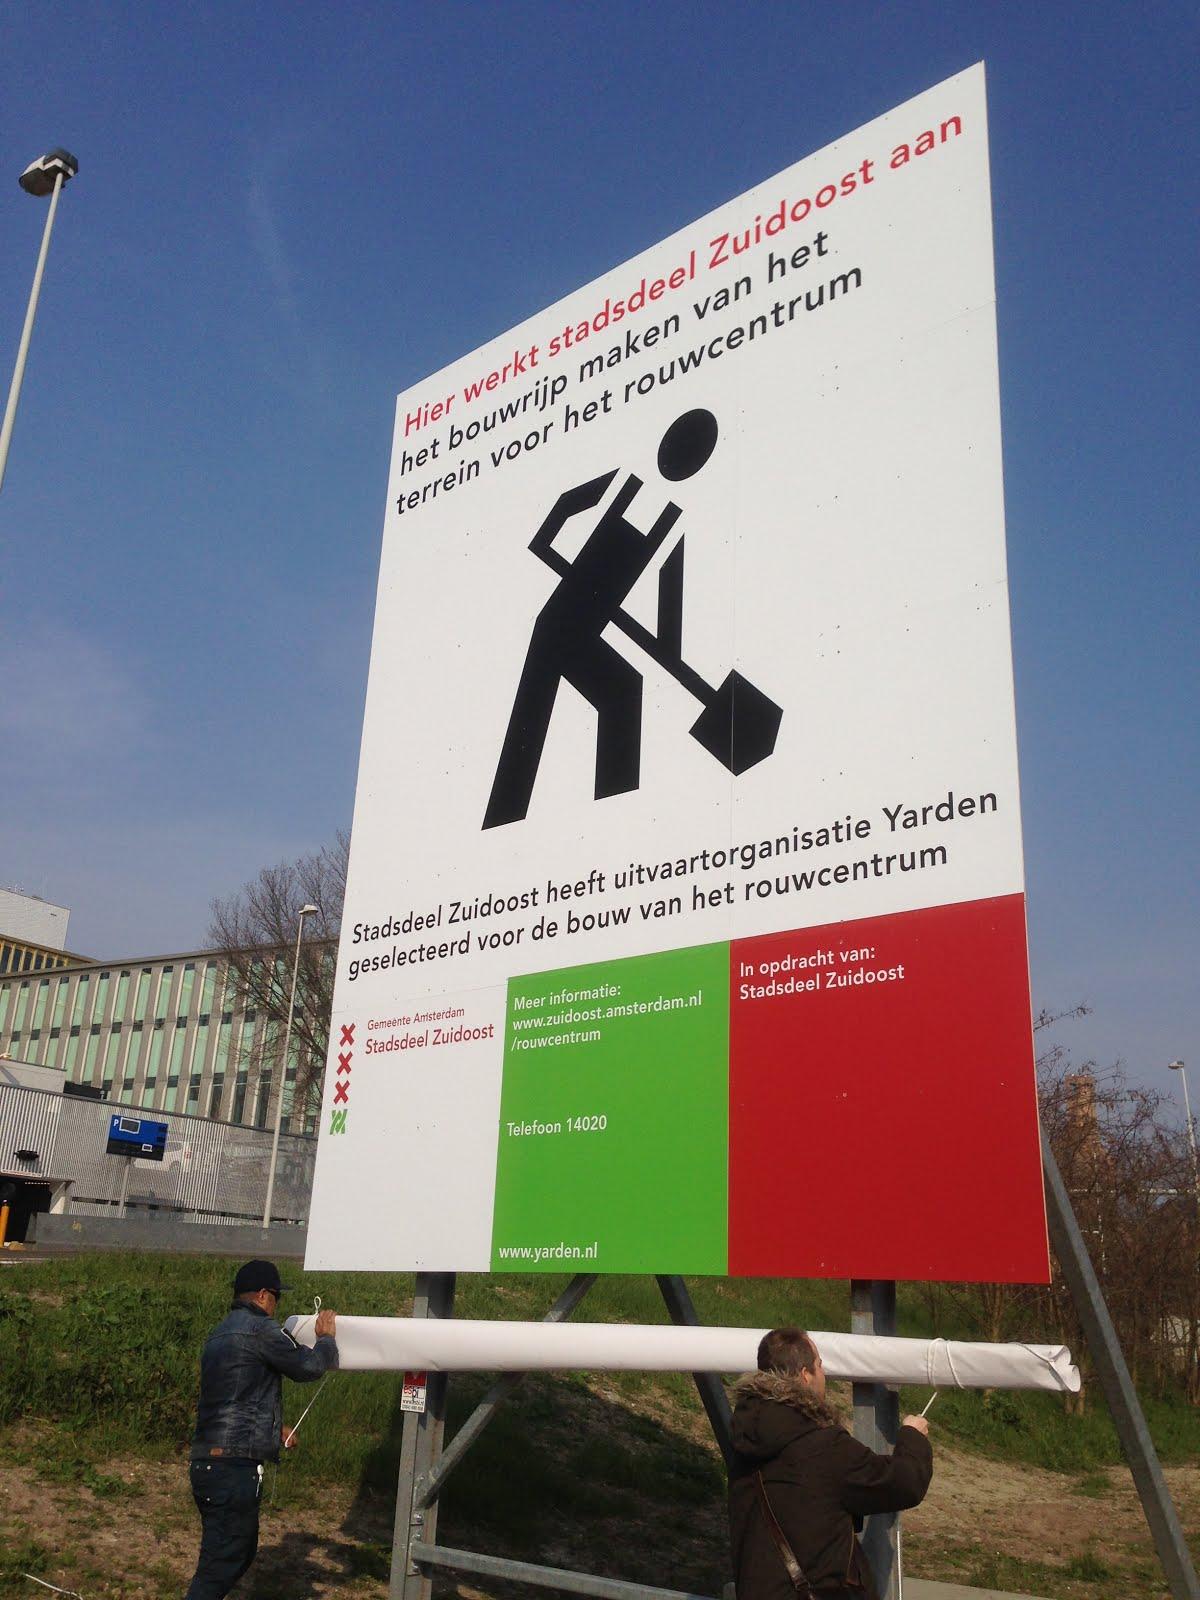 Het eerst multi culturele uitvaartcentrum komt eraan in Amsterdam Zuidoost!